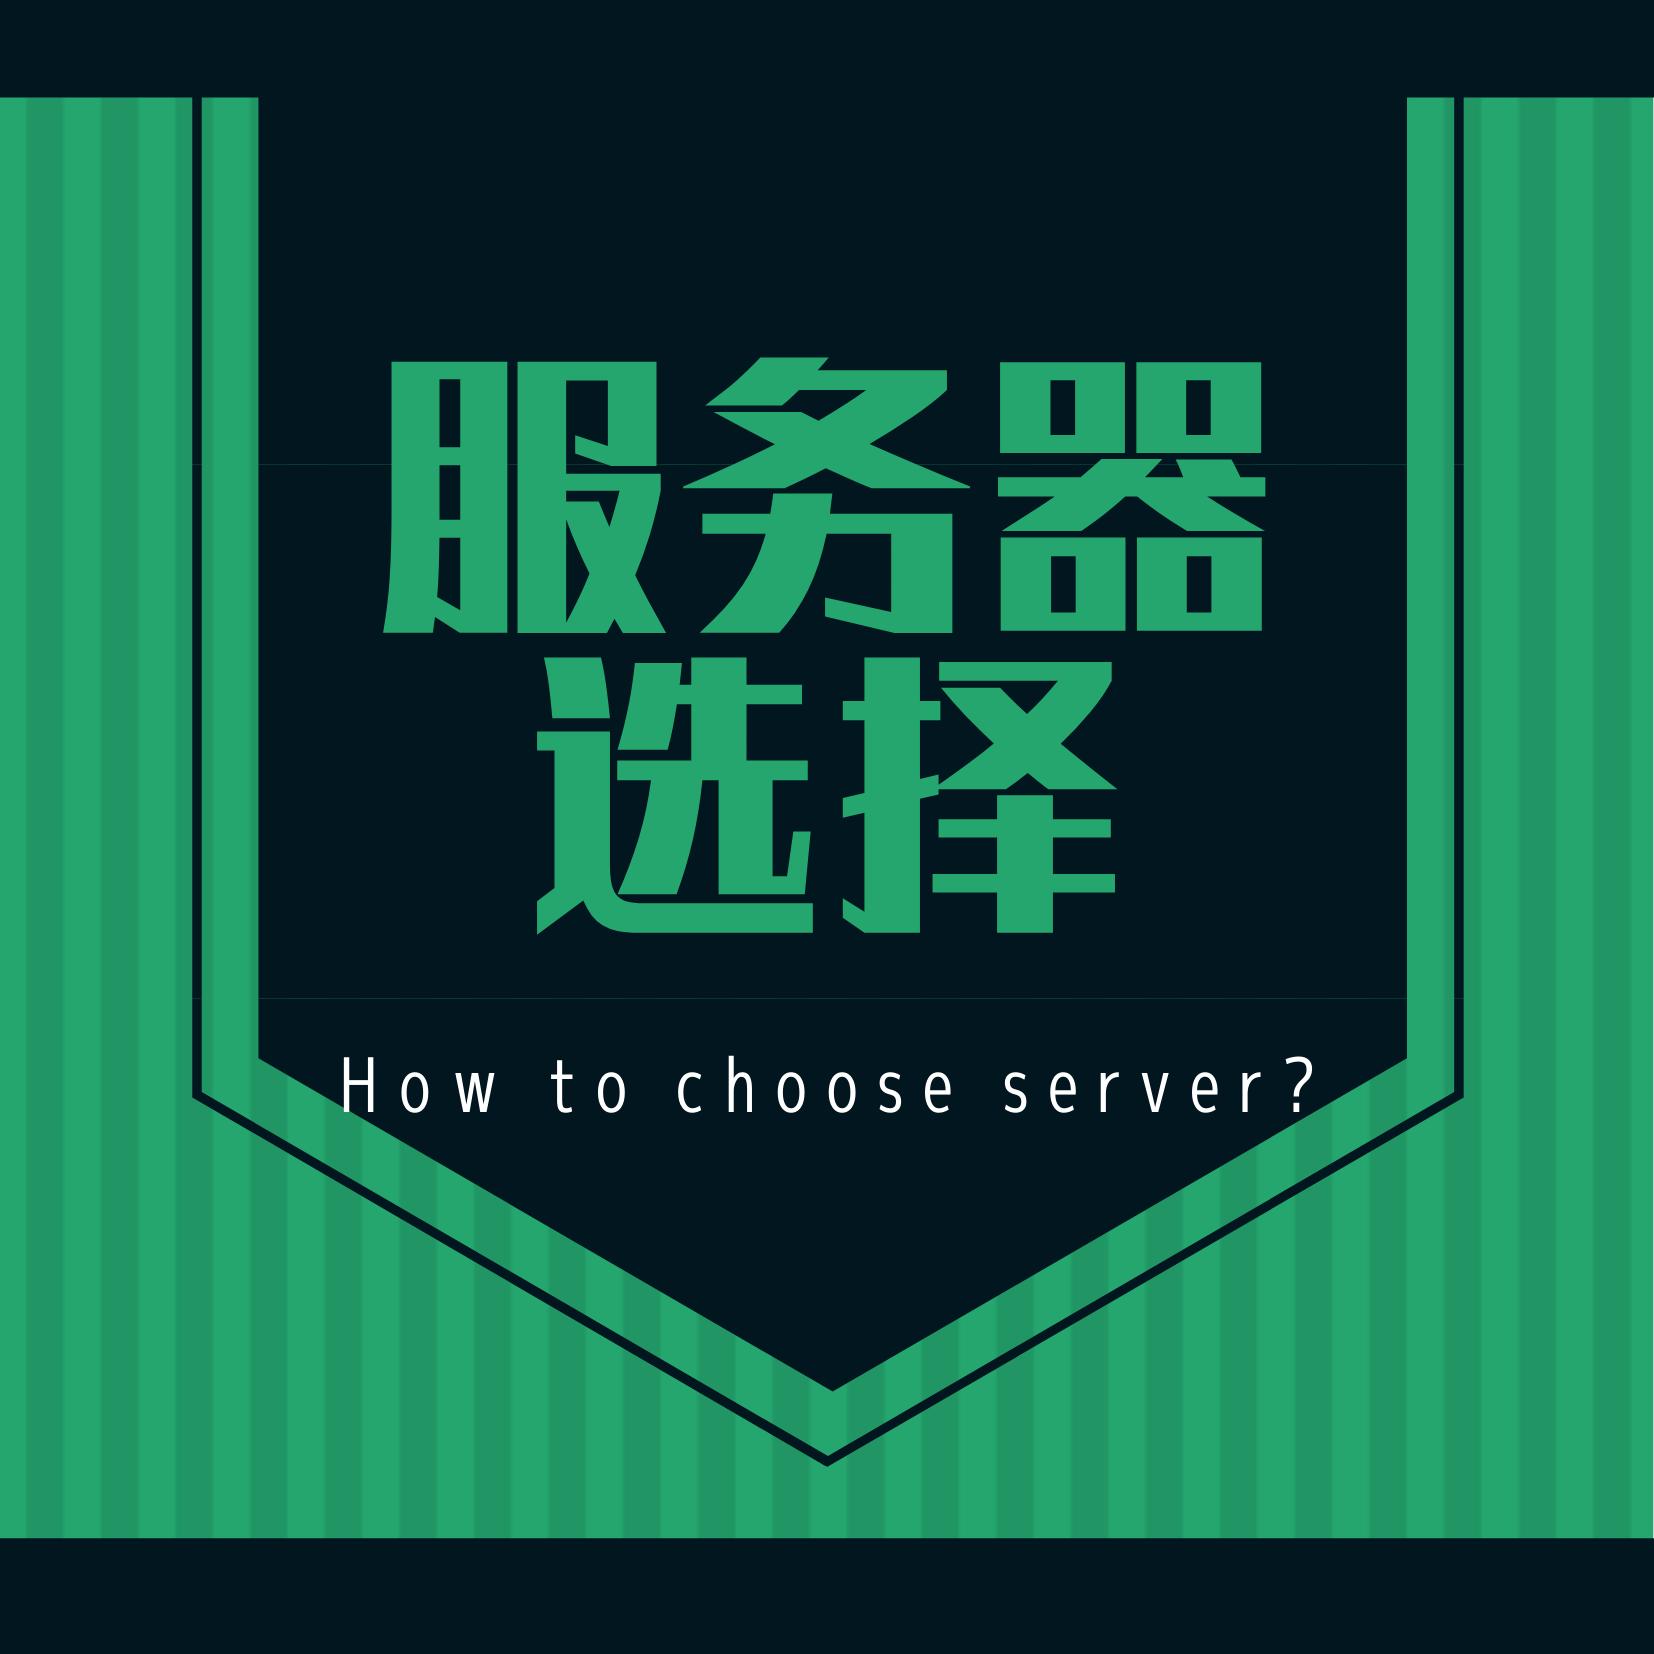 服务器的选择